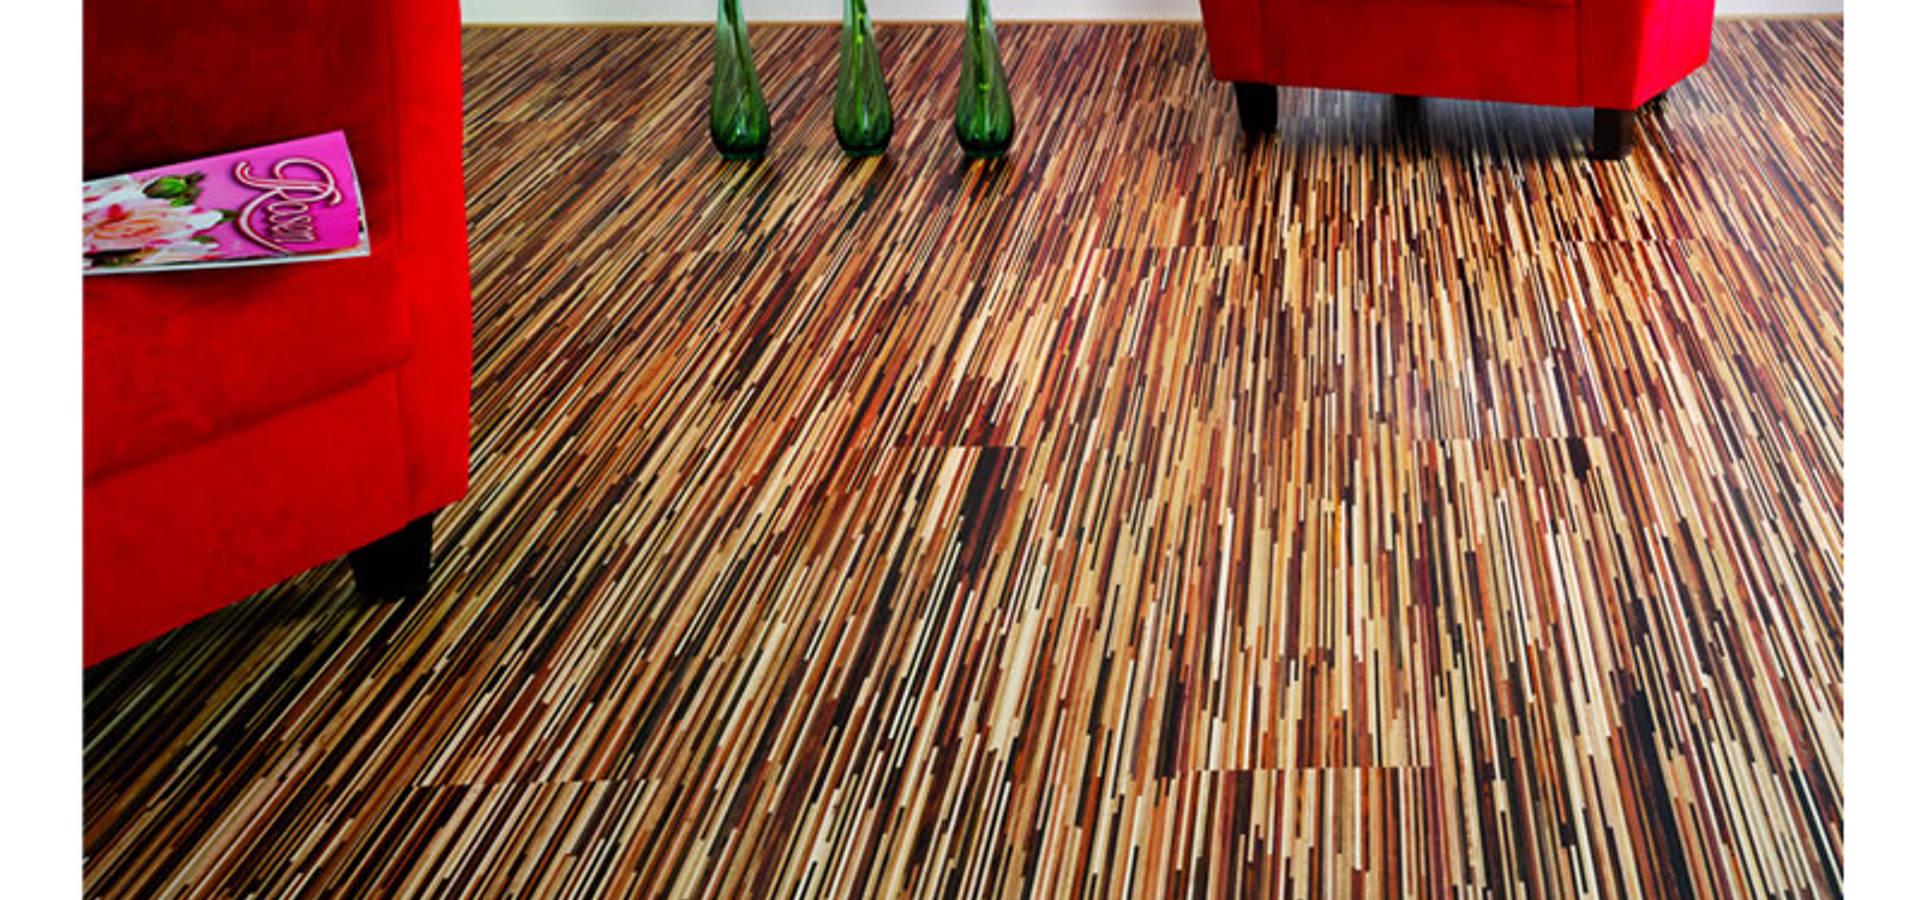 Parkett Dortmund vinylboden designboden diele dortmund by parkett ohg homify